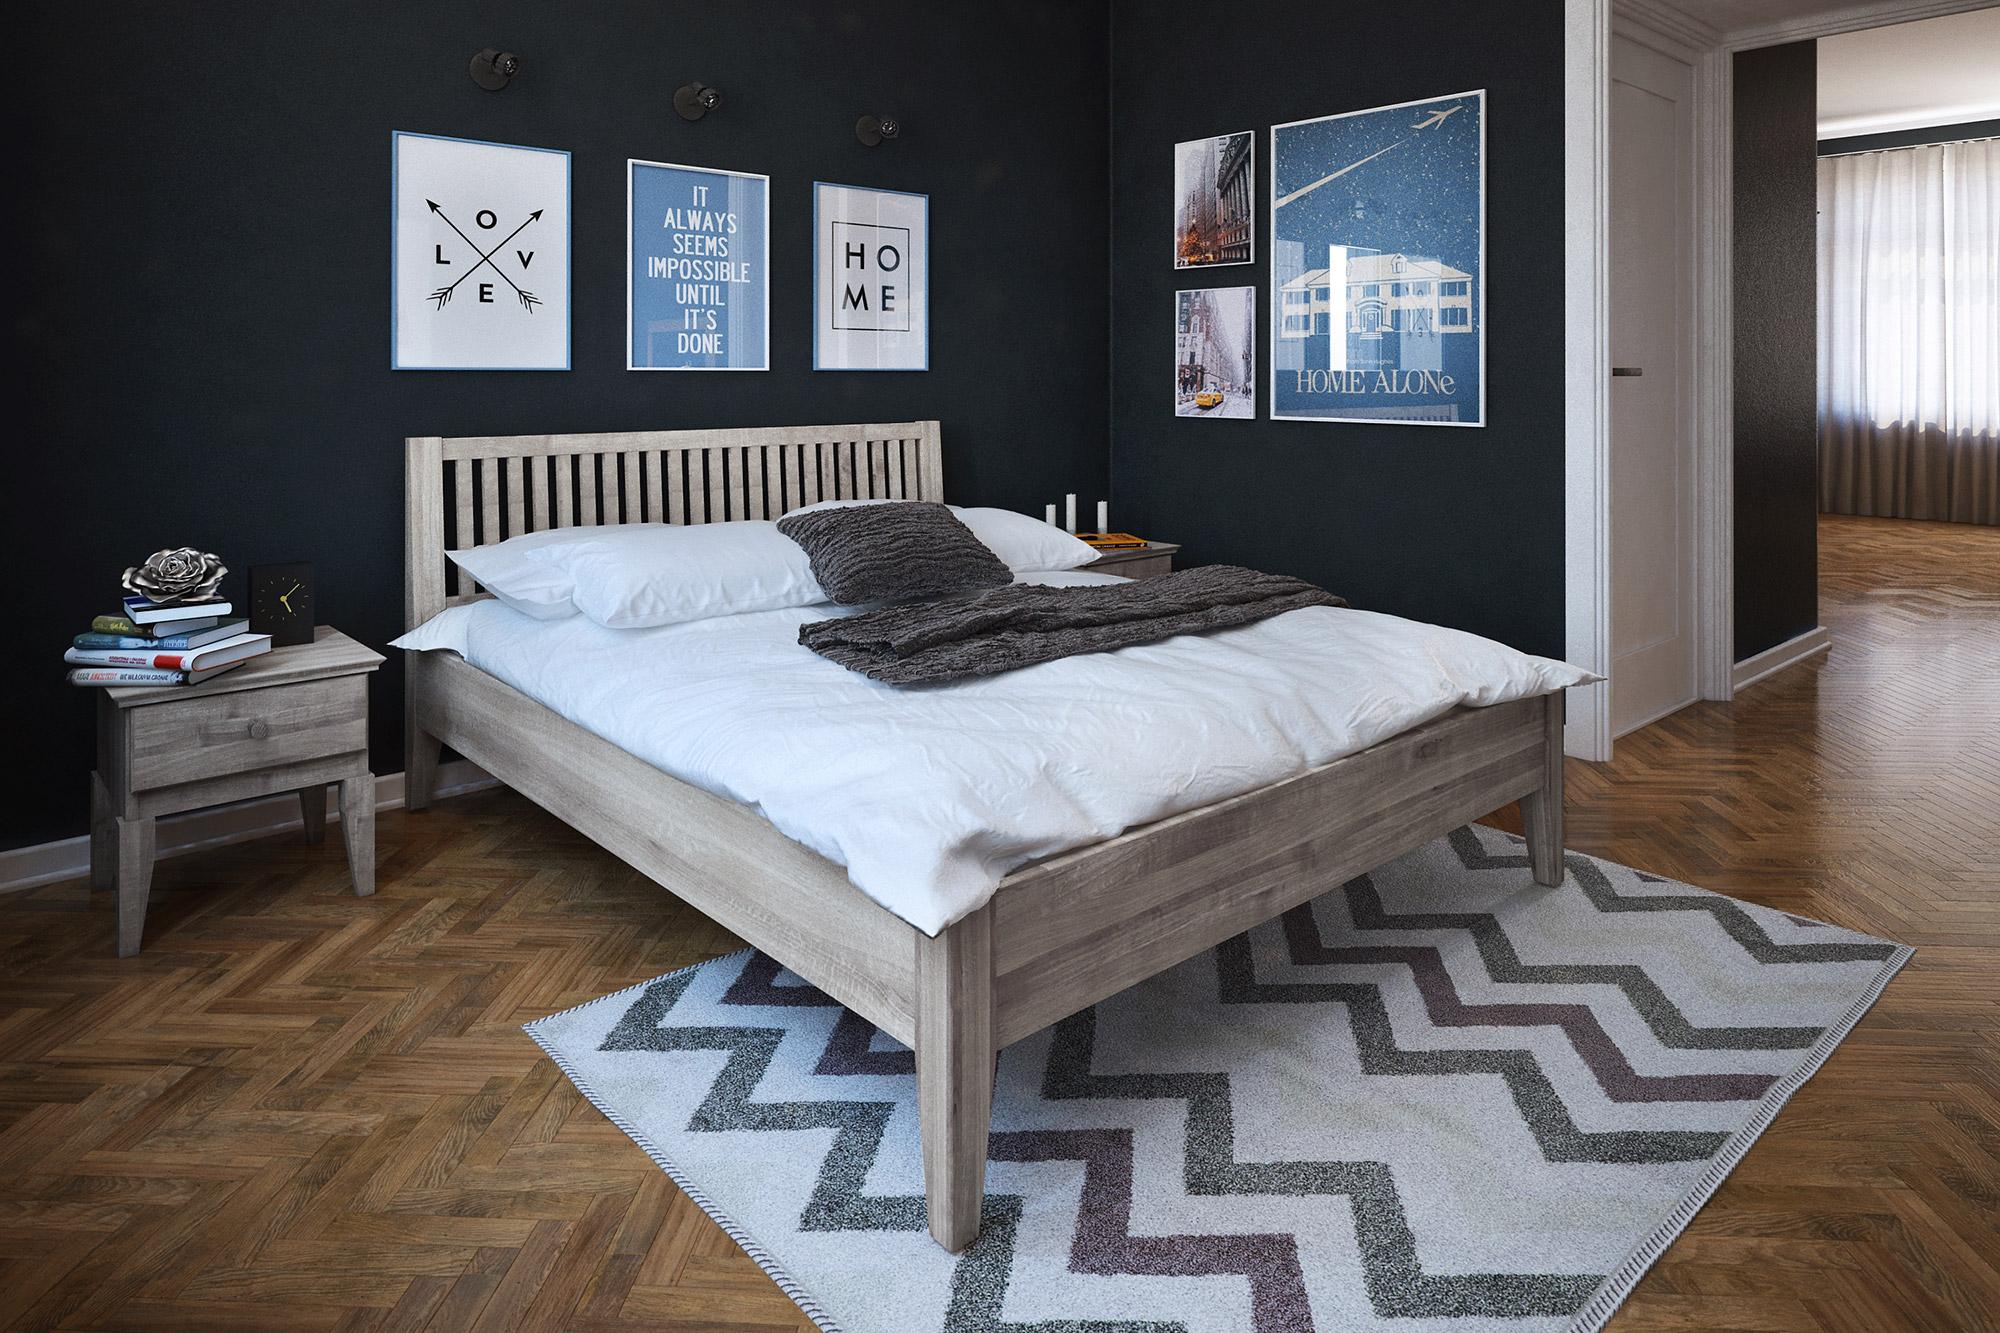 Zdjęcie 2 - Kolekcja ODYS do sypialni